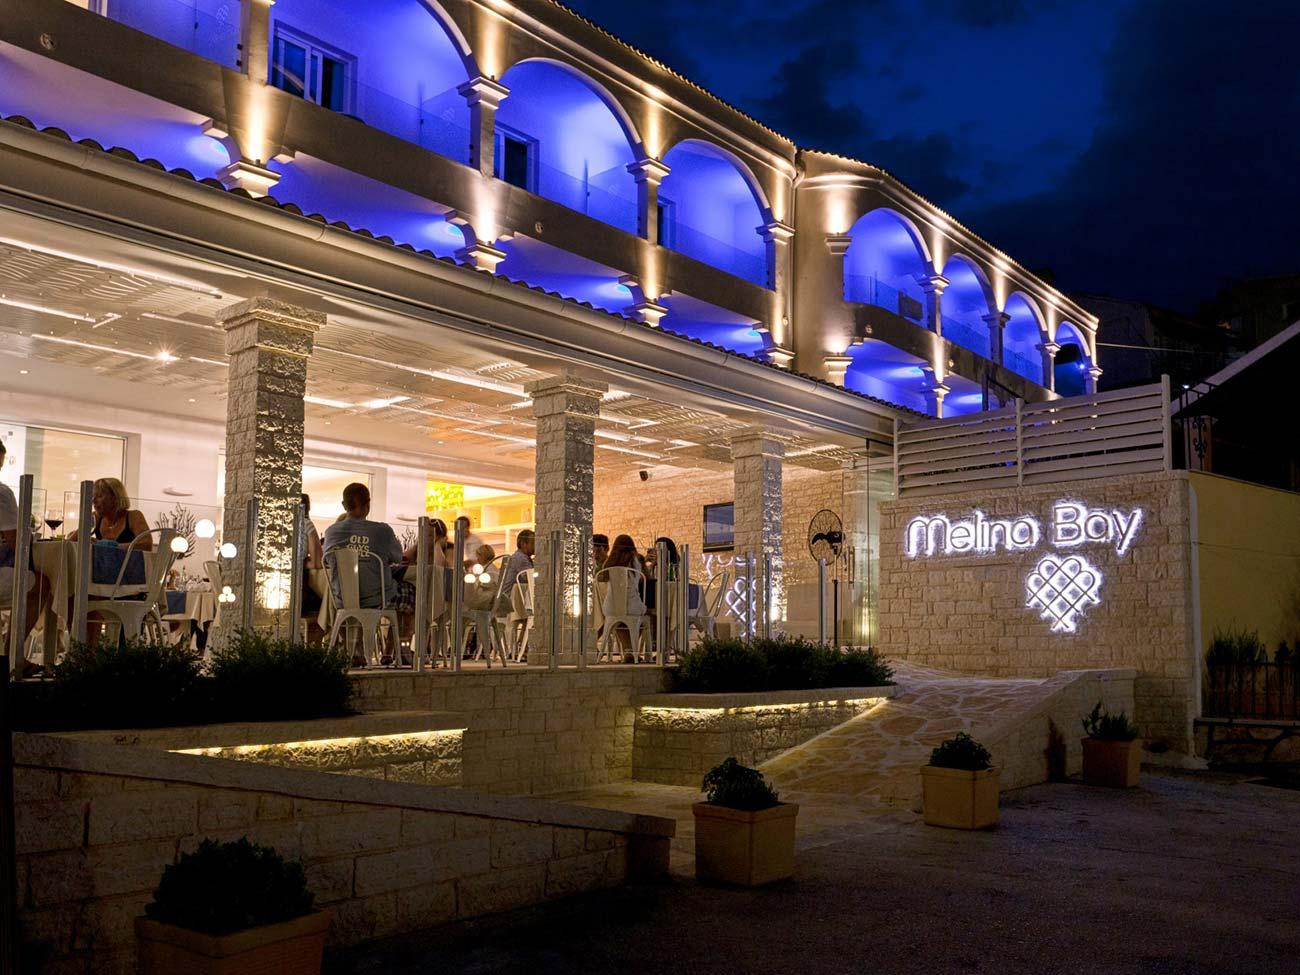 Hotel Renovation | Alberto Artuso | Architect in Corfu